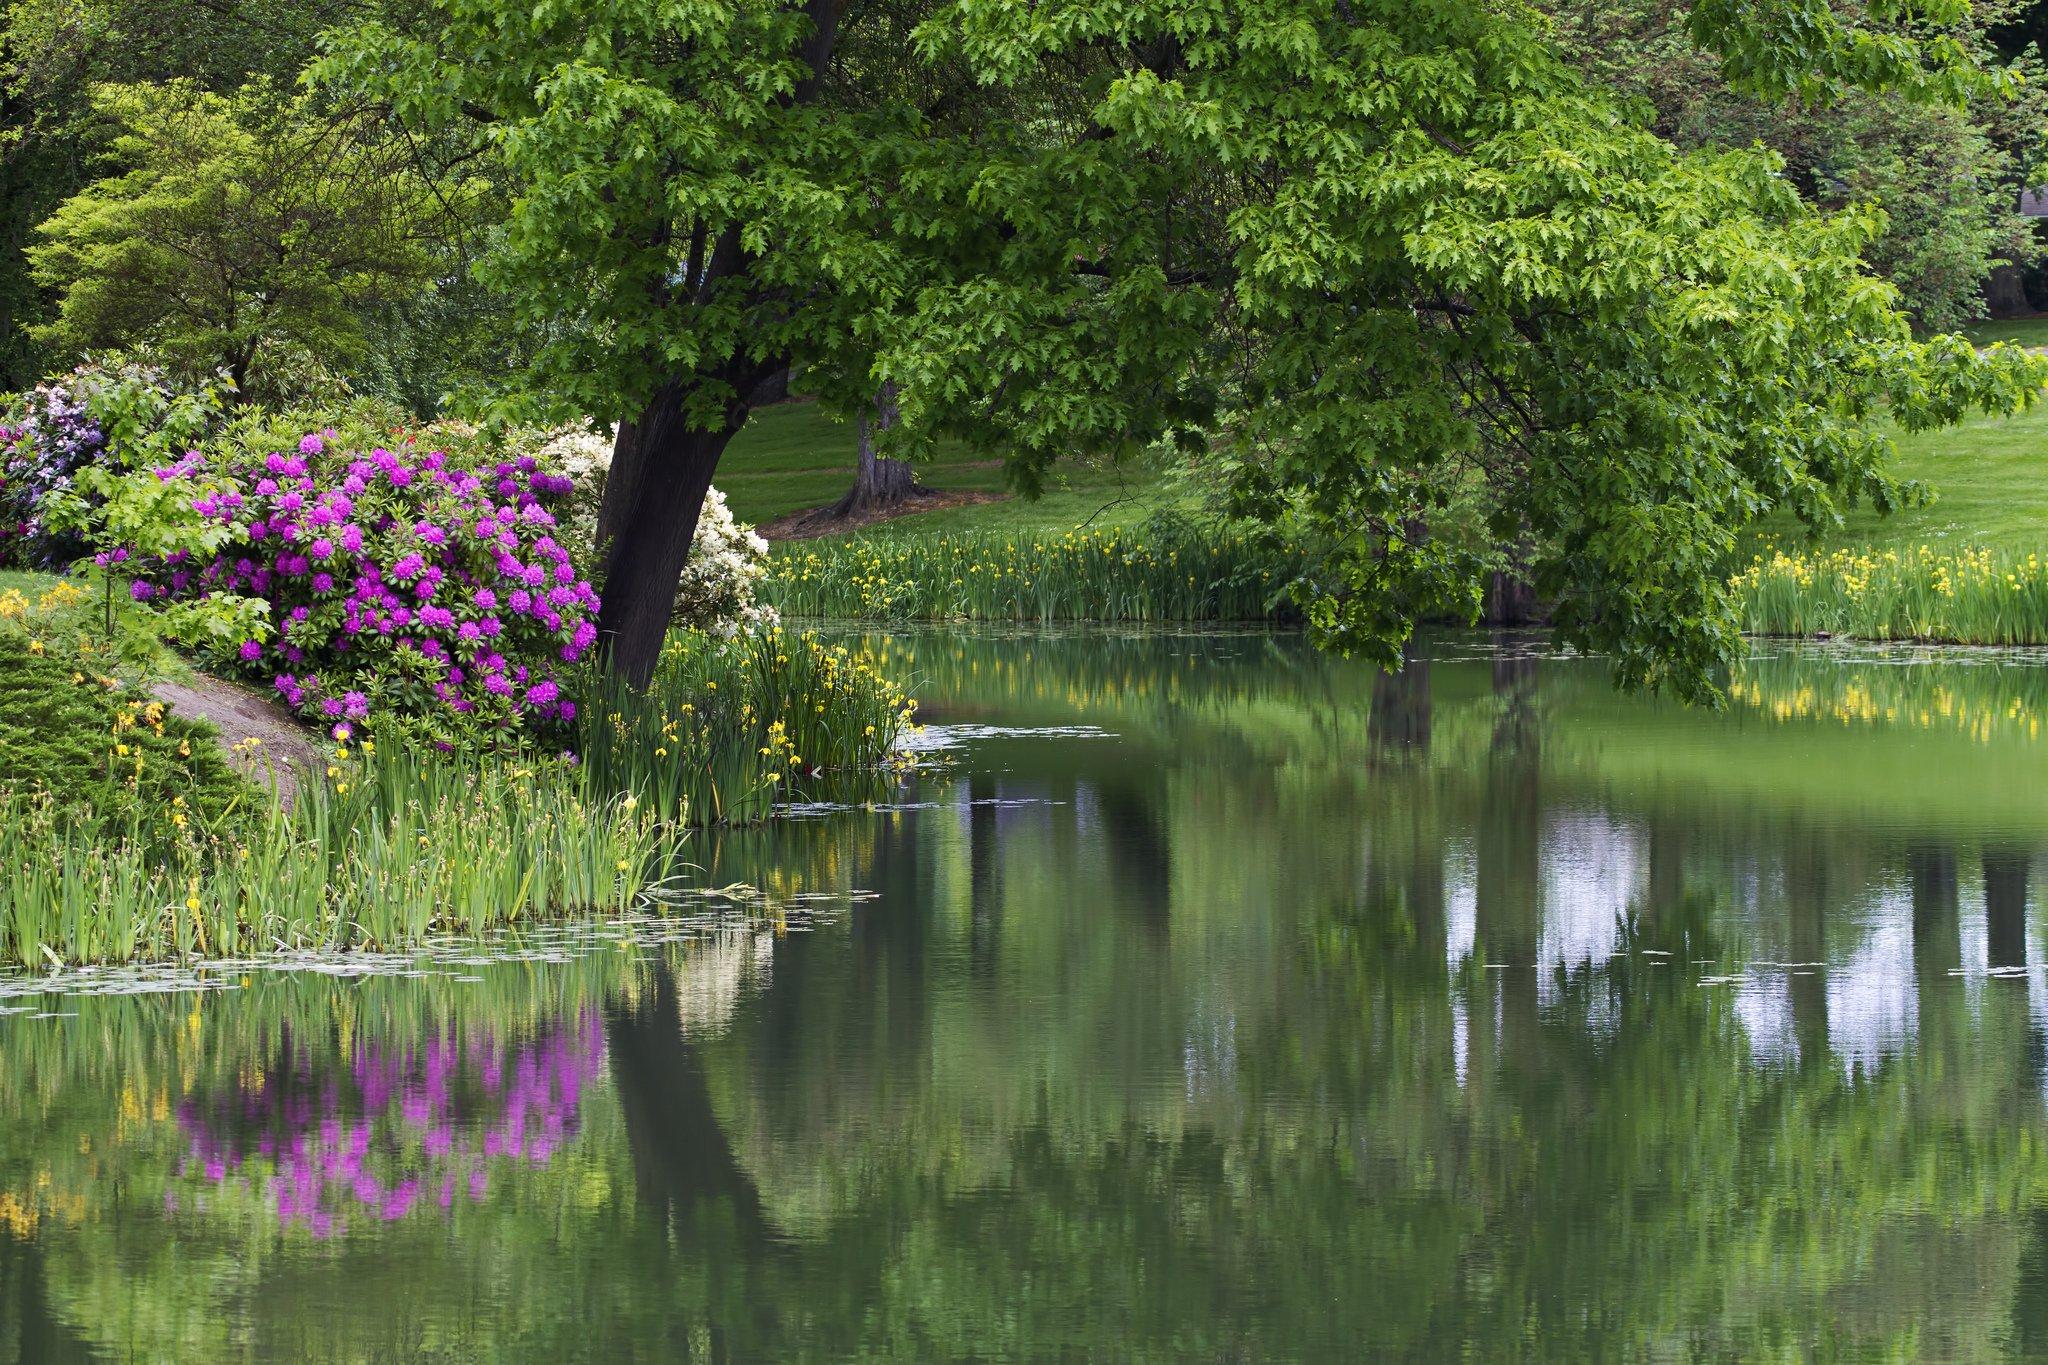 Park pond trees flowers garden lake reflection wallpaper for Flower garden ponds